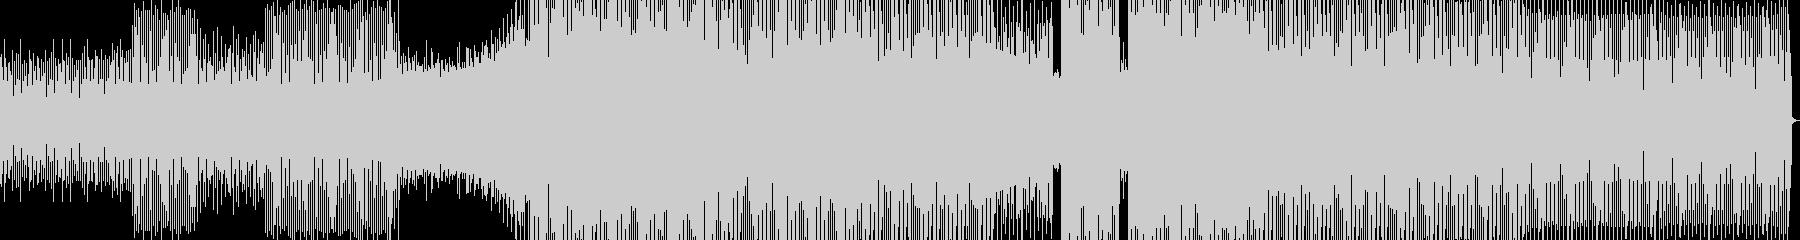 フルートキャッチメロディーによる部...の未再生の波形